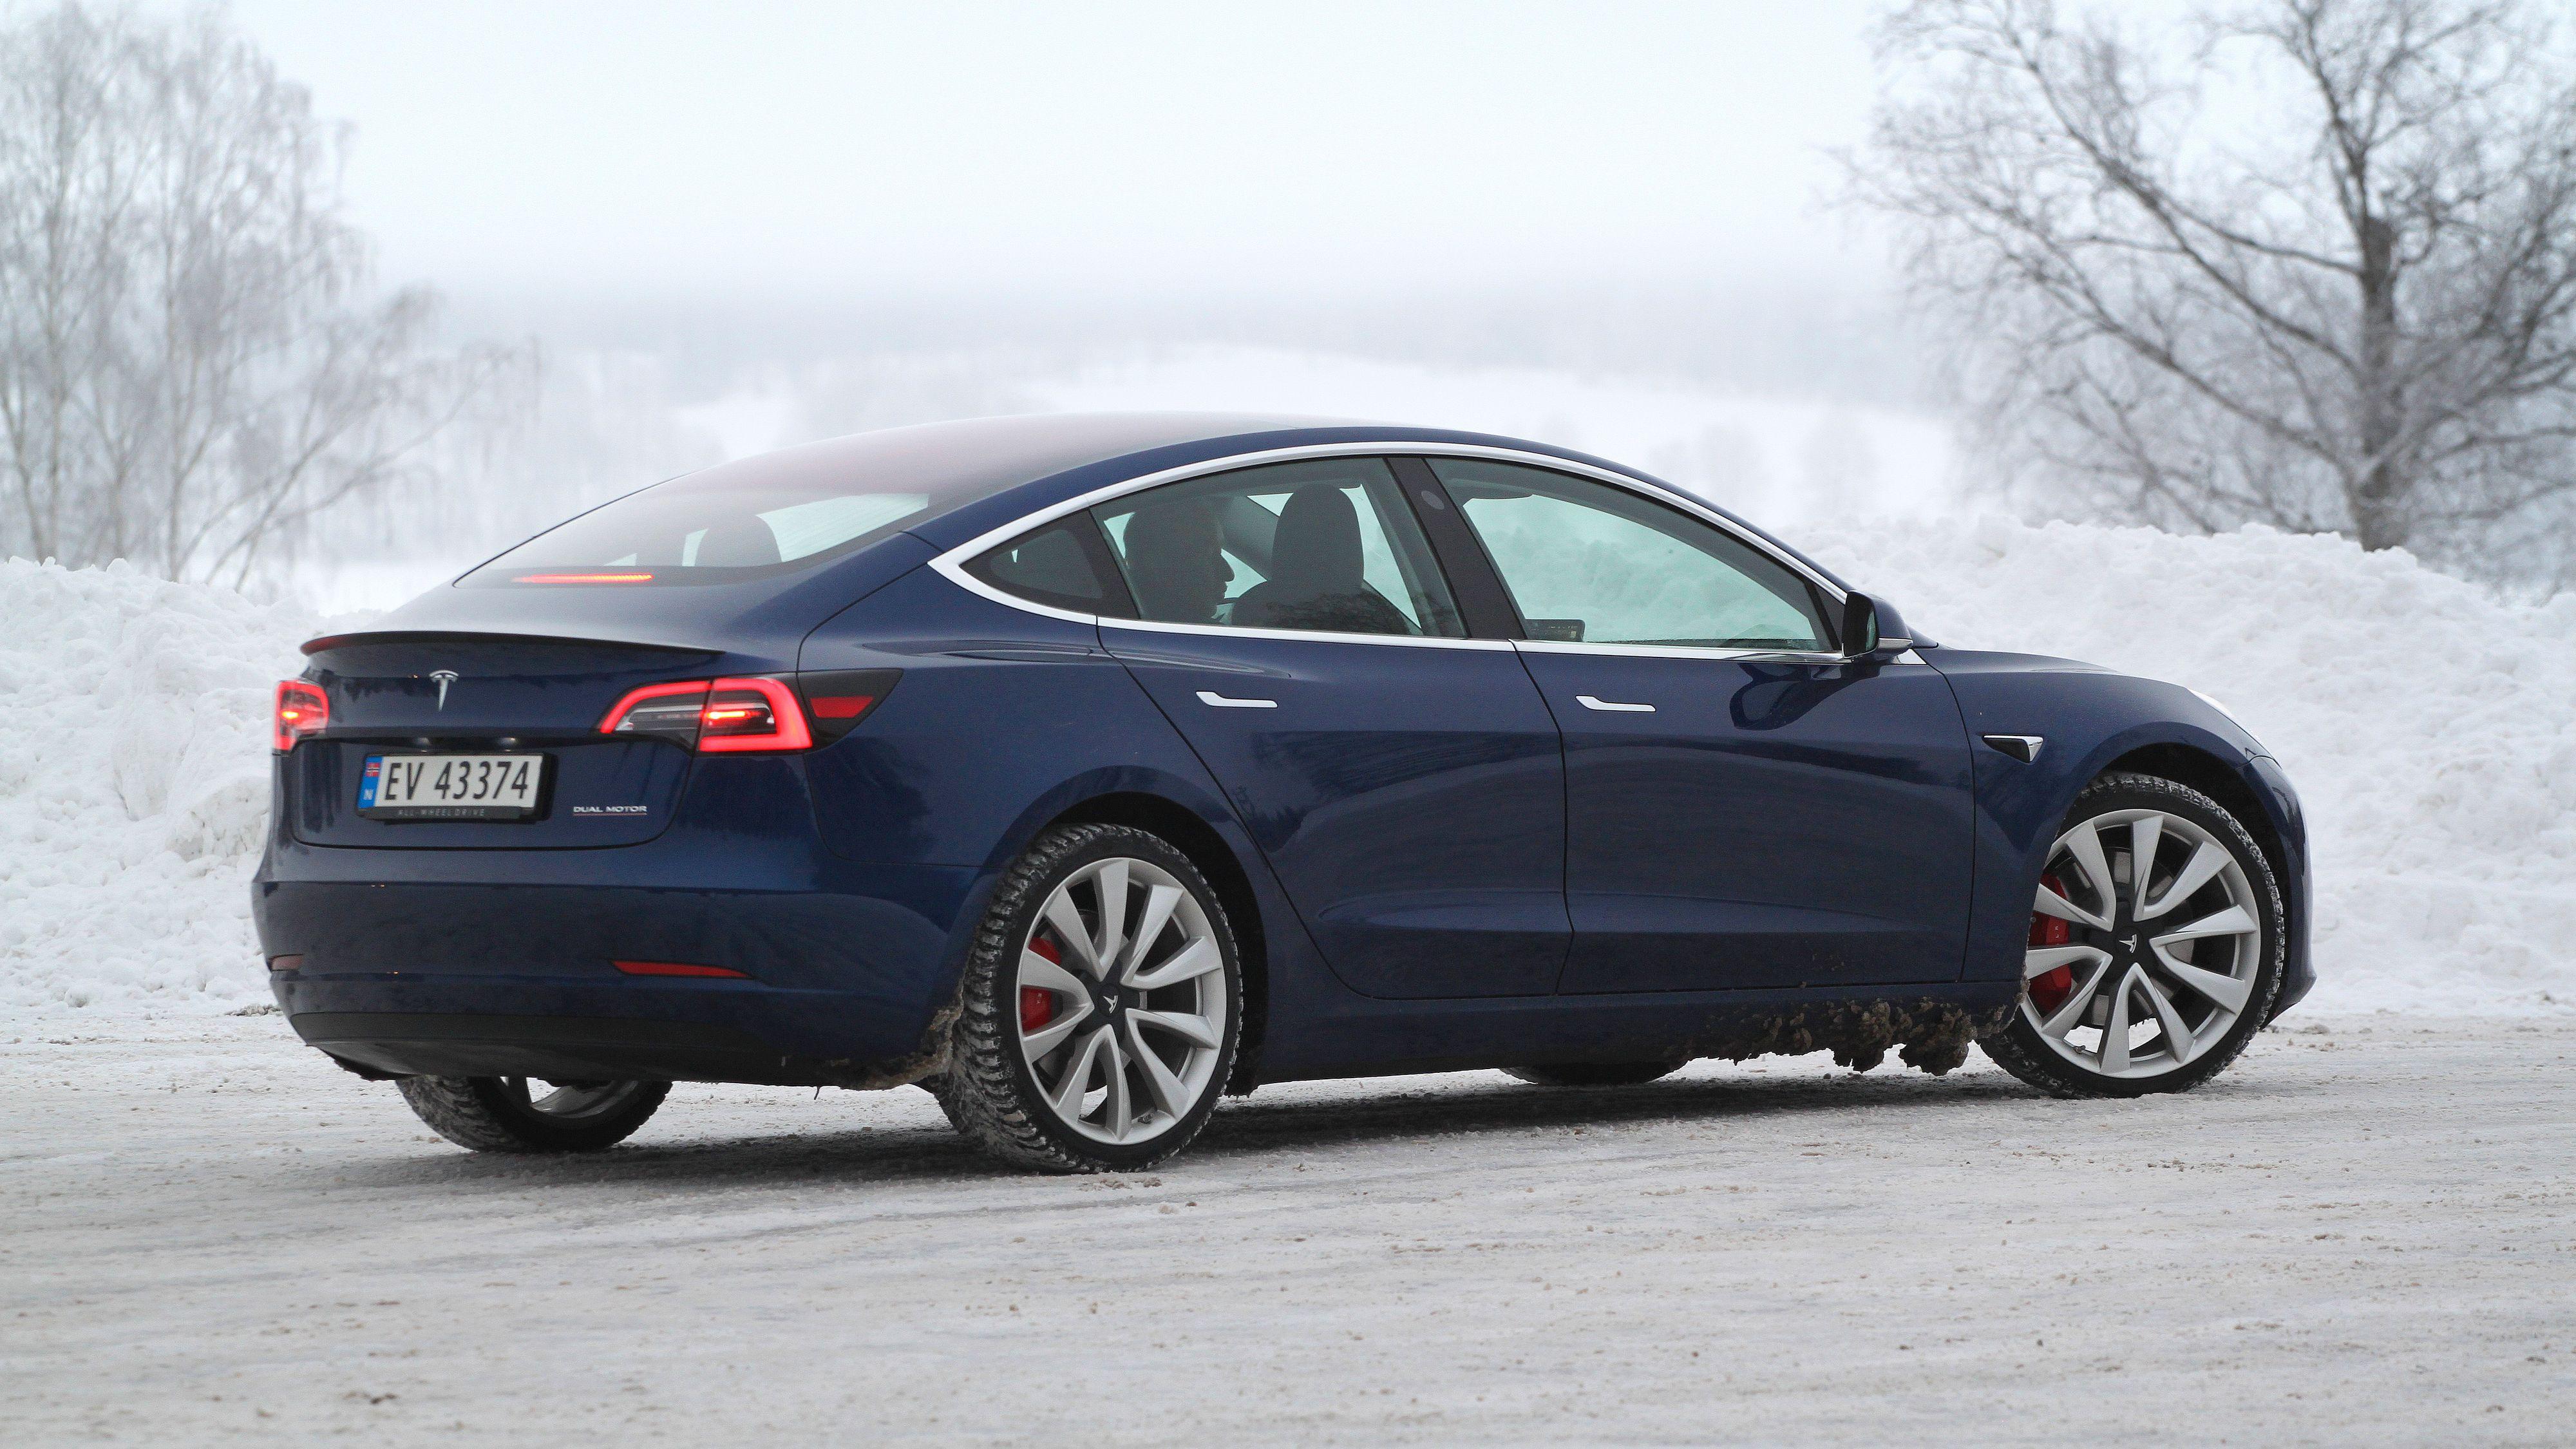 Elbilsalget stupte i april –Tesla mistet topplasseringen